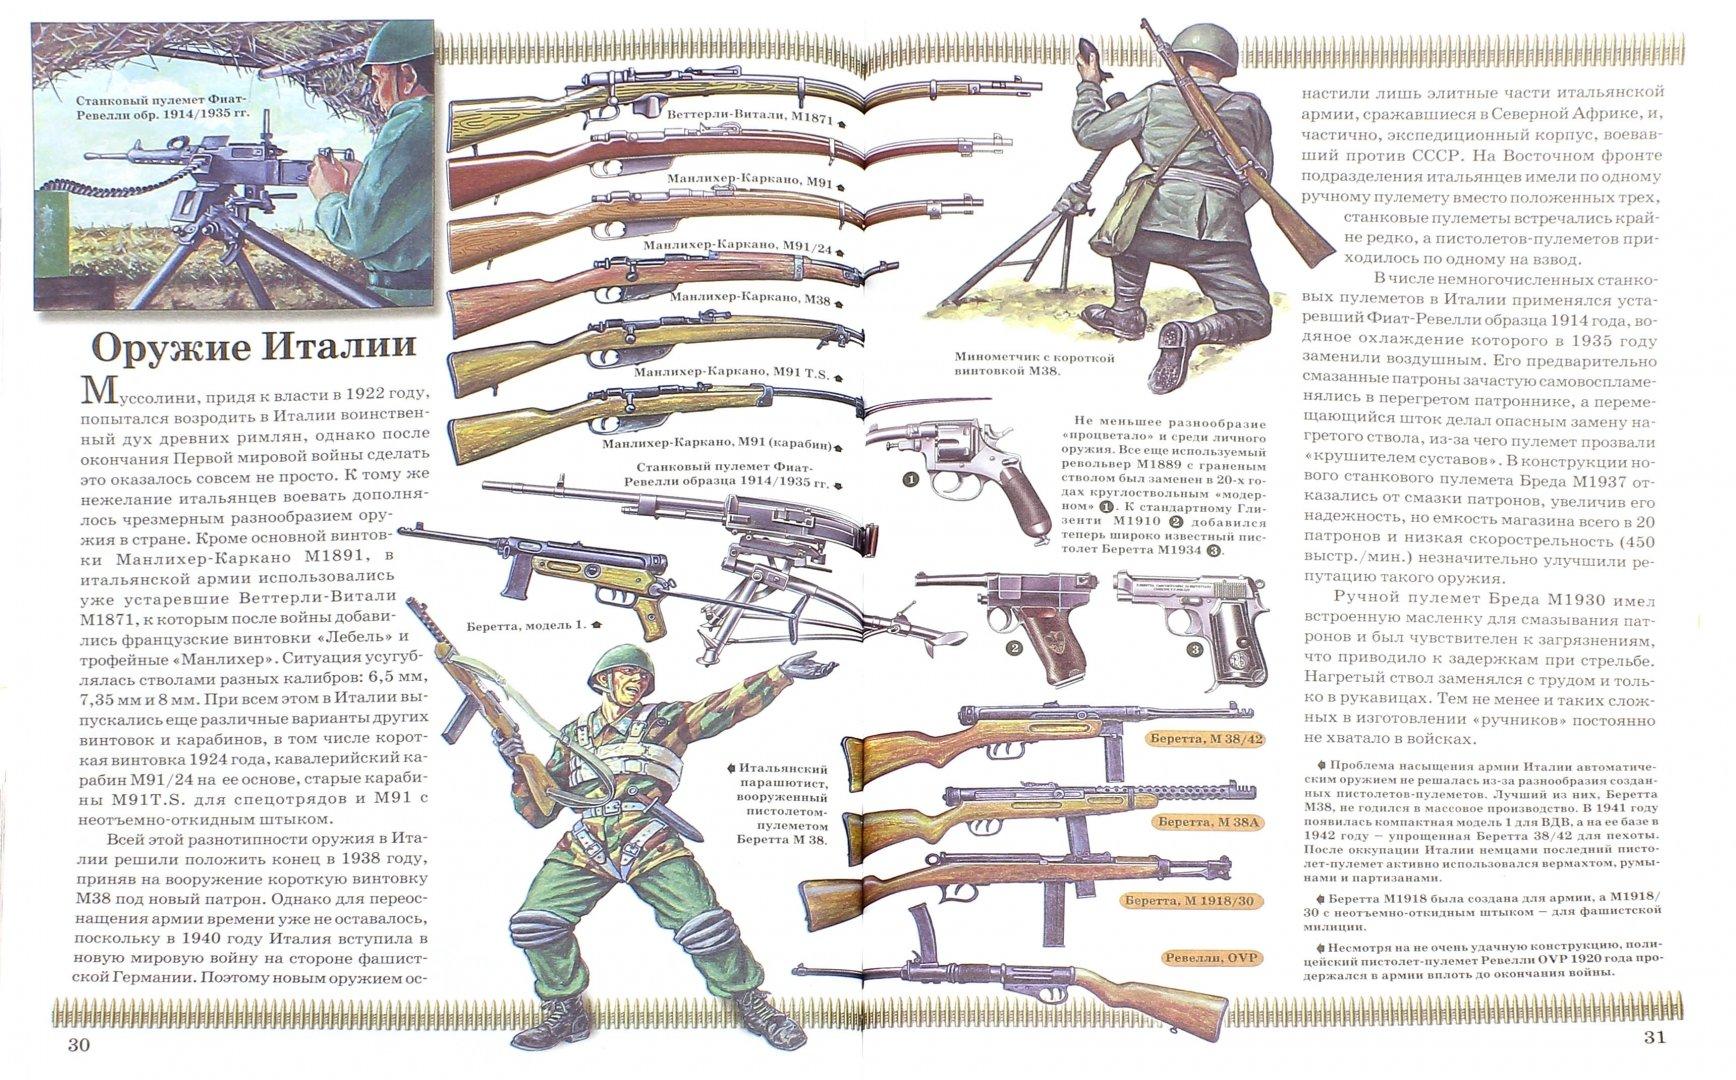 Иллюстрация 1 из 13 для Стрелковое оружие - Благовестов, Проказов   Лабиринт - книги. Источник: Лабиринт